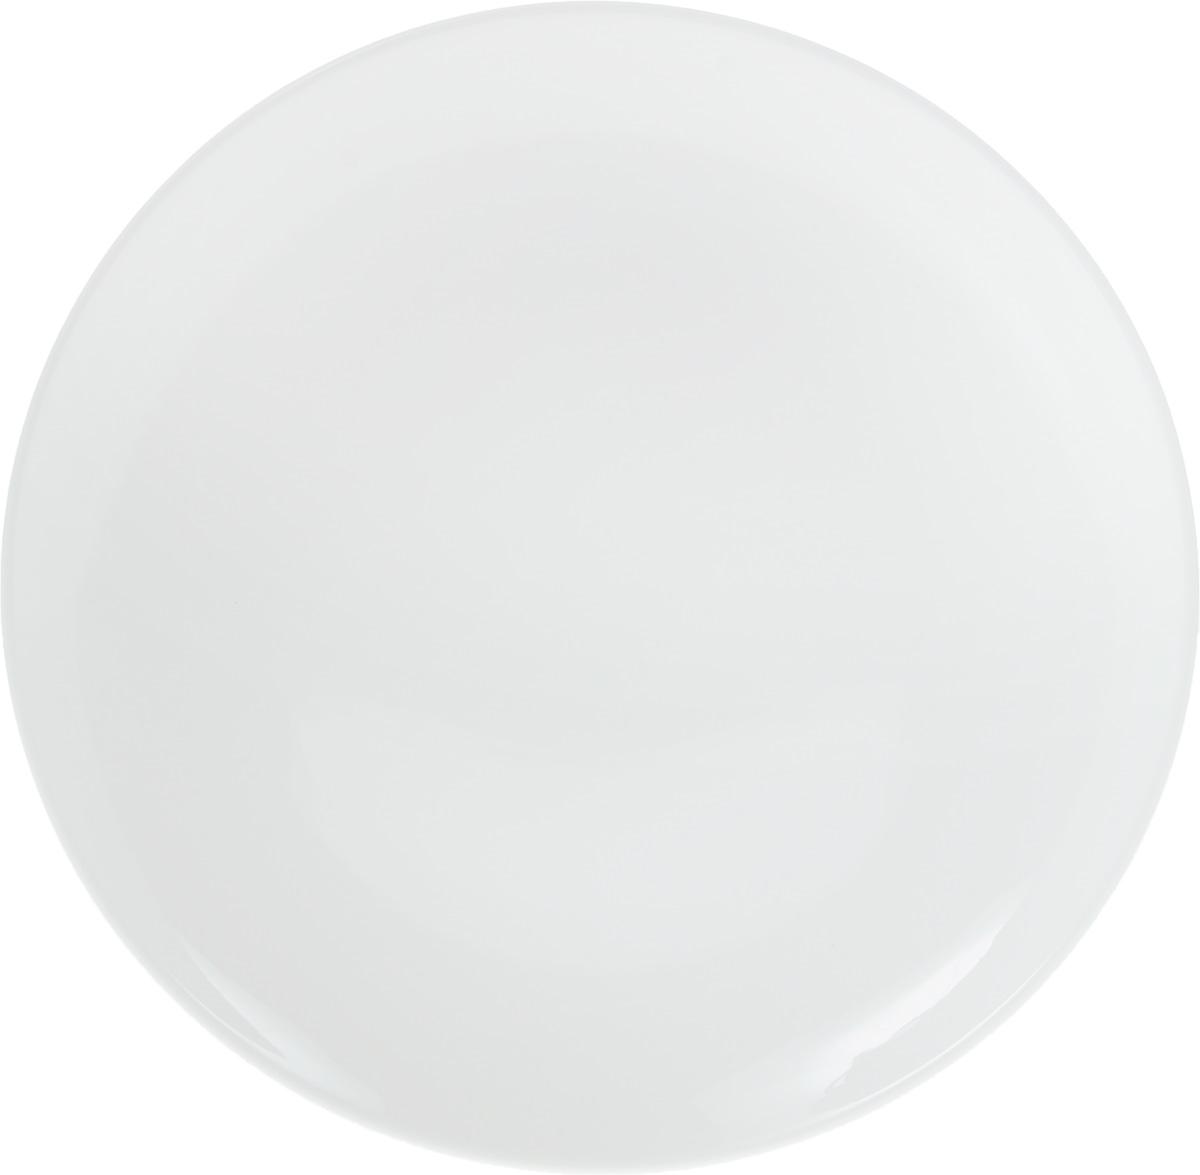 Блюдо Wilmax, диаметр 30,5 см. WL-991024 / A тарелка wilmax диаметр 28 см wl 991181 a